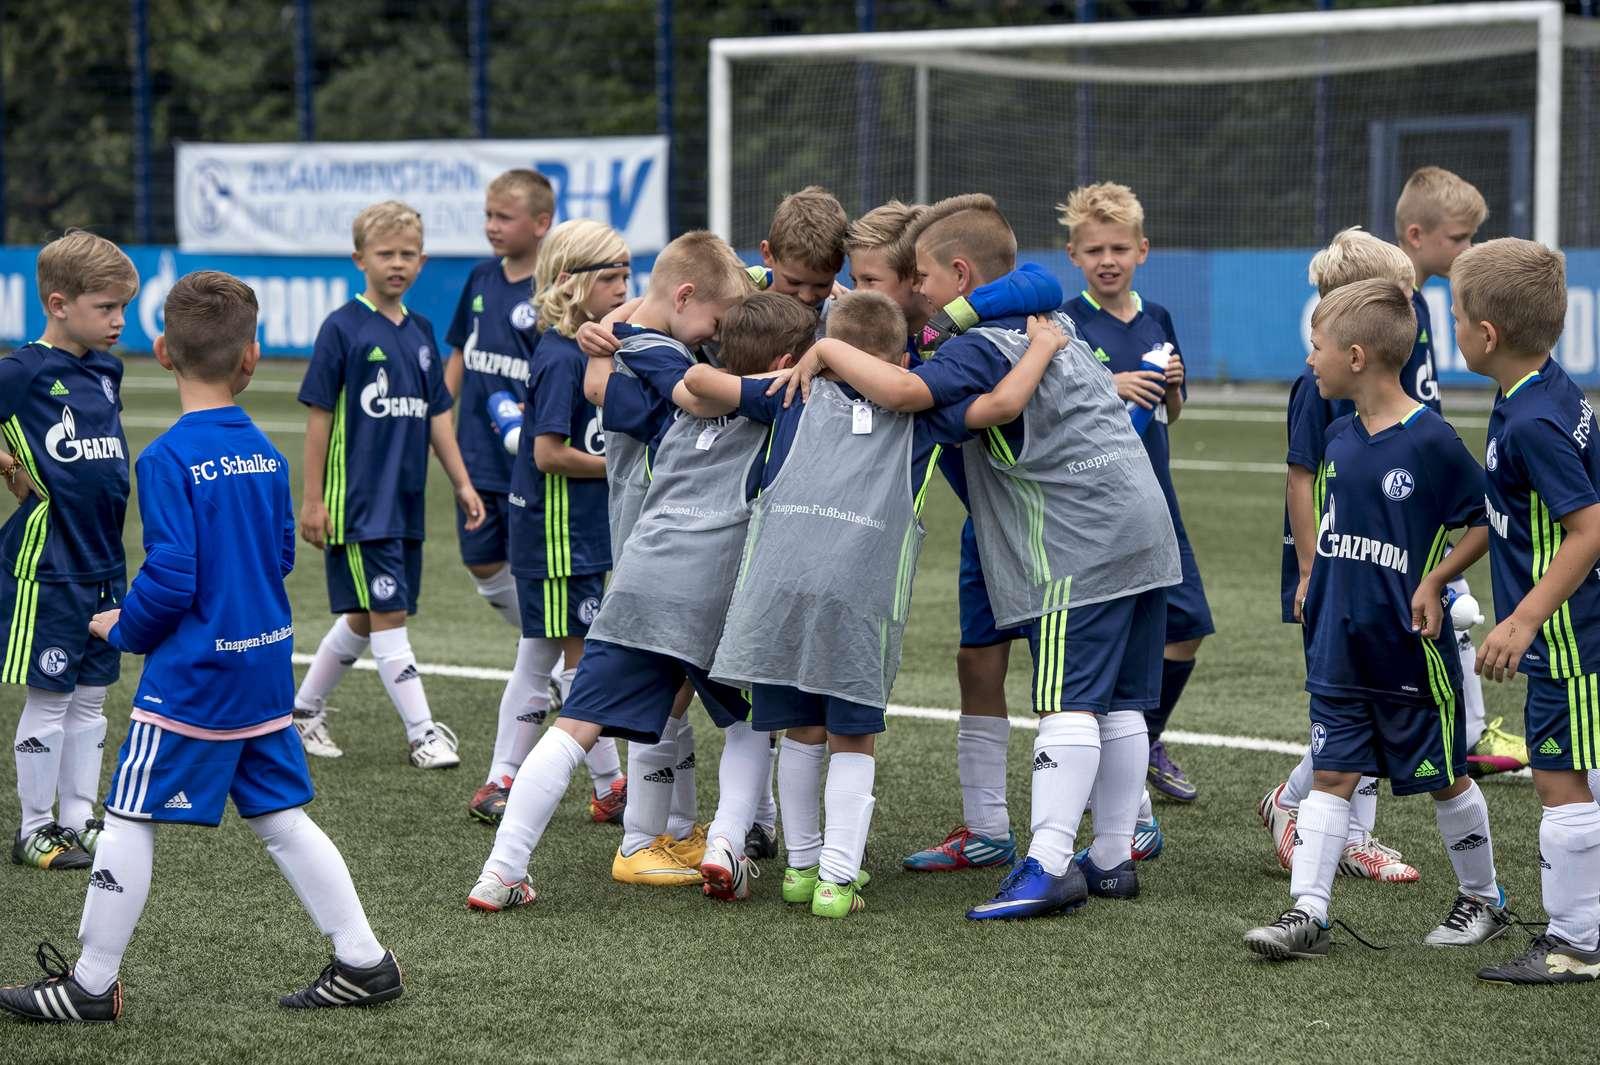 Duitse club Schalke 04 komt naar Hoorn voor voetbaldagen